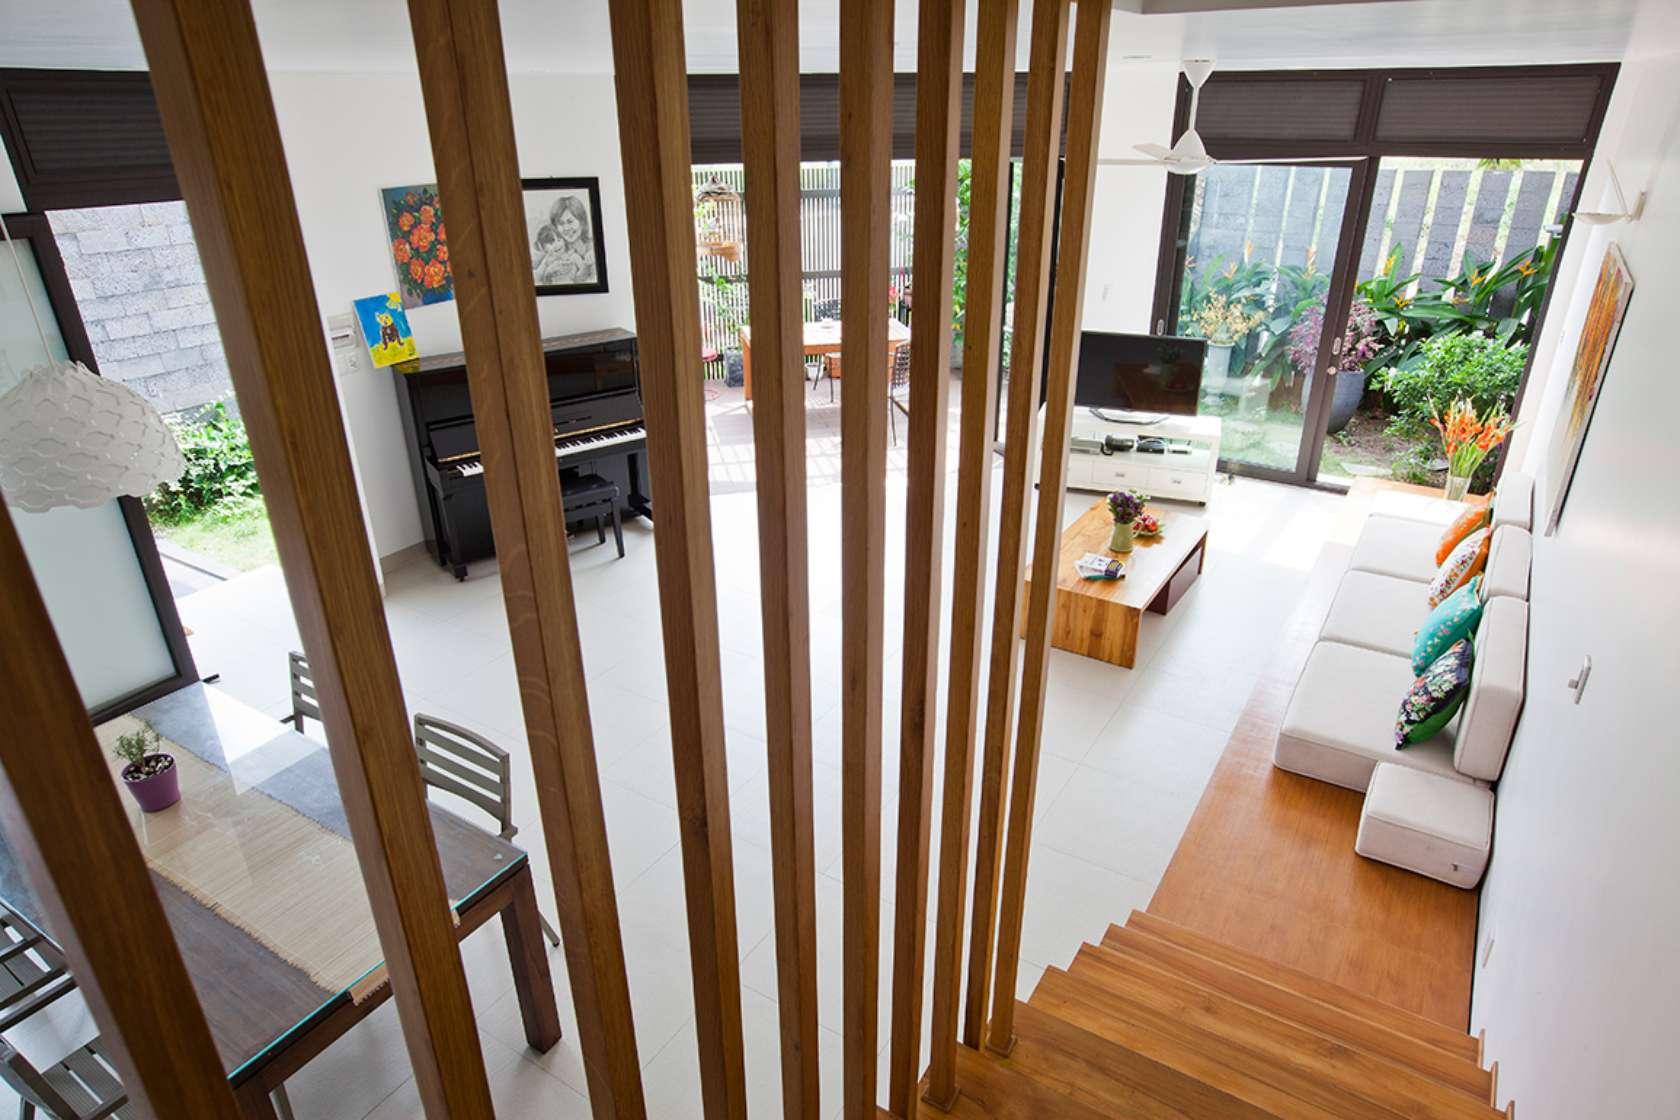 ngoi nha ngoai o sai thanh khien bao tay khong tiec loi khen ngoi 43bdfead36 - D2 Town House Ngôi nhà có sân vườn cực đẹp ở Sài Gòn